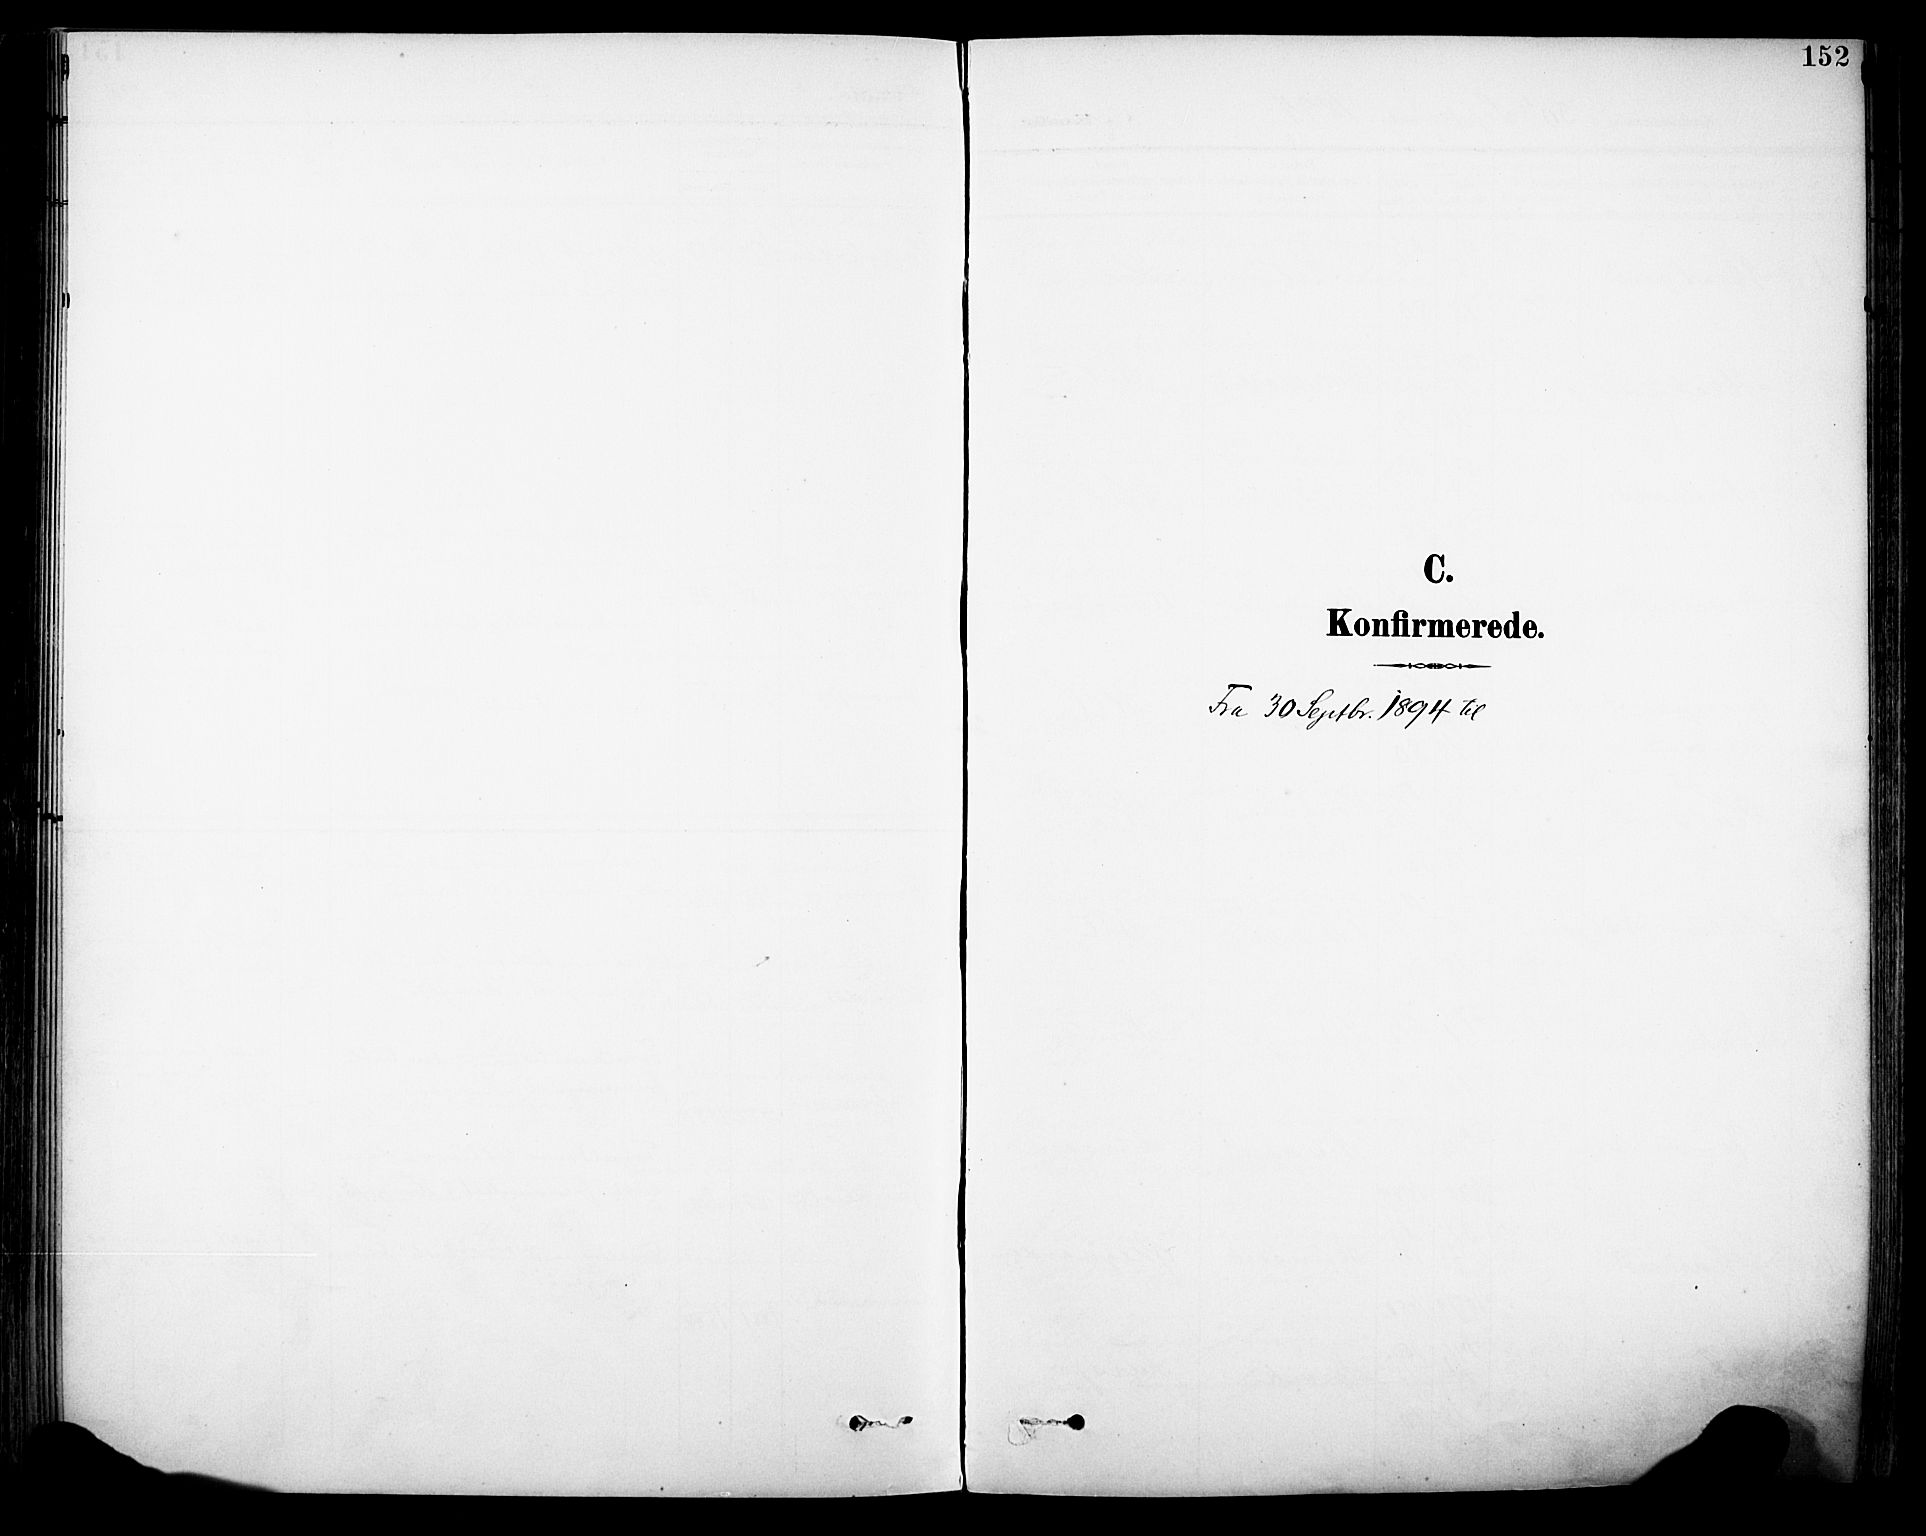 SAKO, Sannidal kirkebøker, F/Fa/L0016: Ministerialbok nr. 16, 1895-1911, s. 152